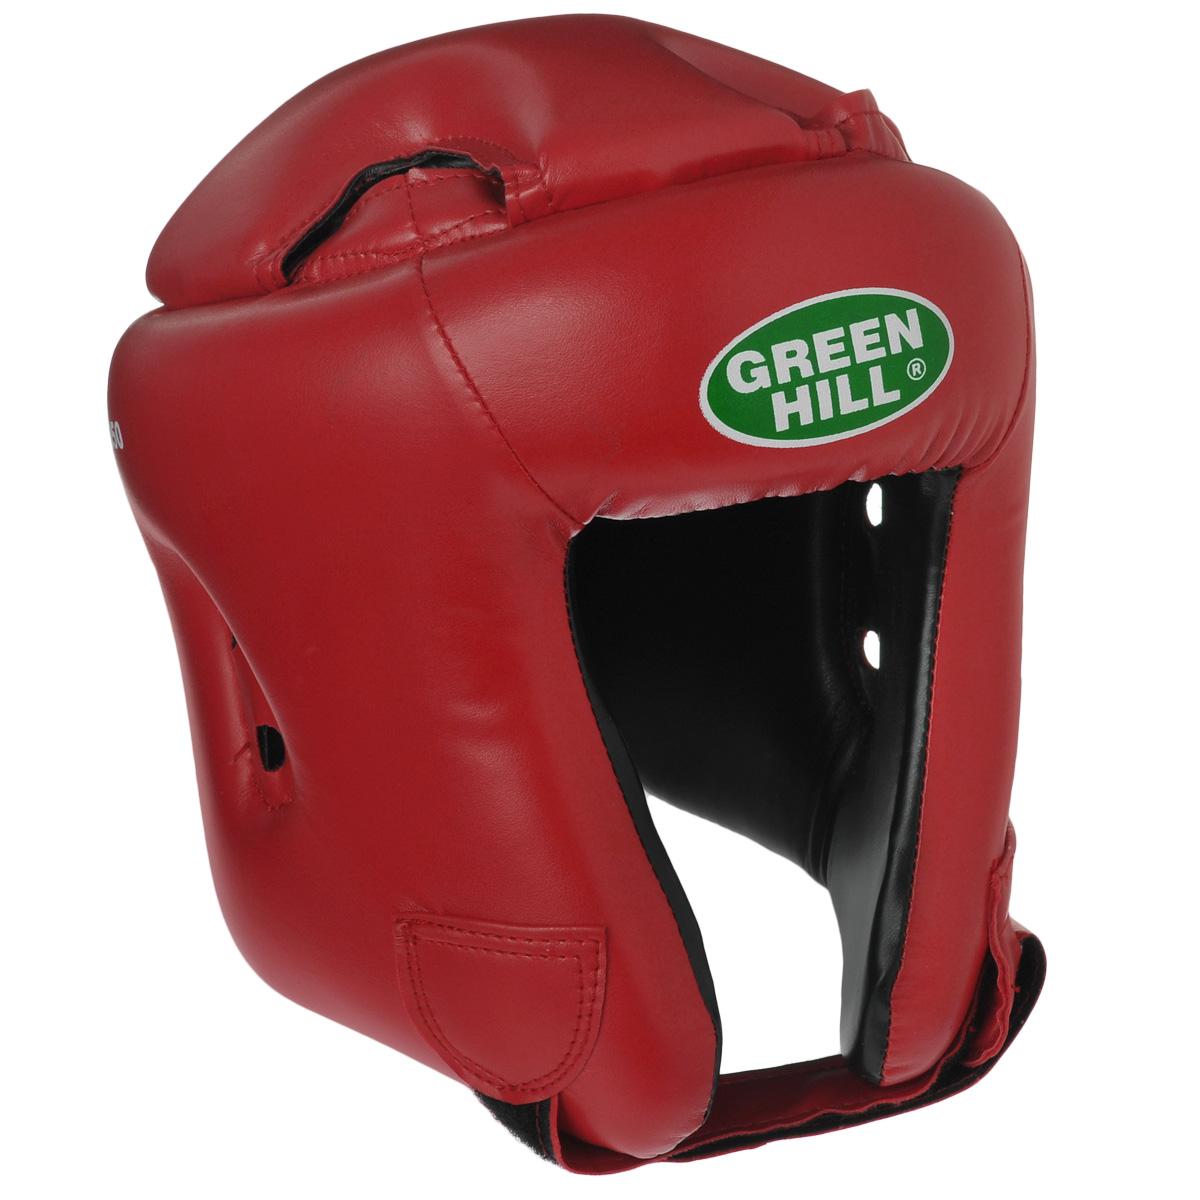 Шлем боксерский Green Hill Brave, цвет: красный. Размер L (57-60 см)Пояс УТ-0000Шлем Green Hill Brave с усиленной защитой теменной области предназначен для занятий боксом и кикбоксингом. Подходит для тренировок и соревнований. Крепления сзади на резинке и под подбородком на липучке крепко удерживают шлем на голове. Верх выполнен из высококачественного кожзаменителя, подкладка из искусственной замши.